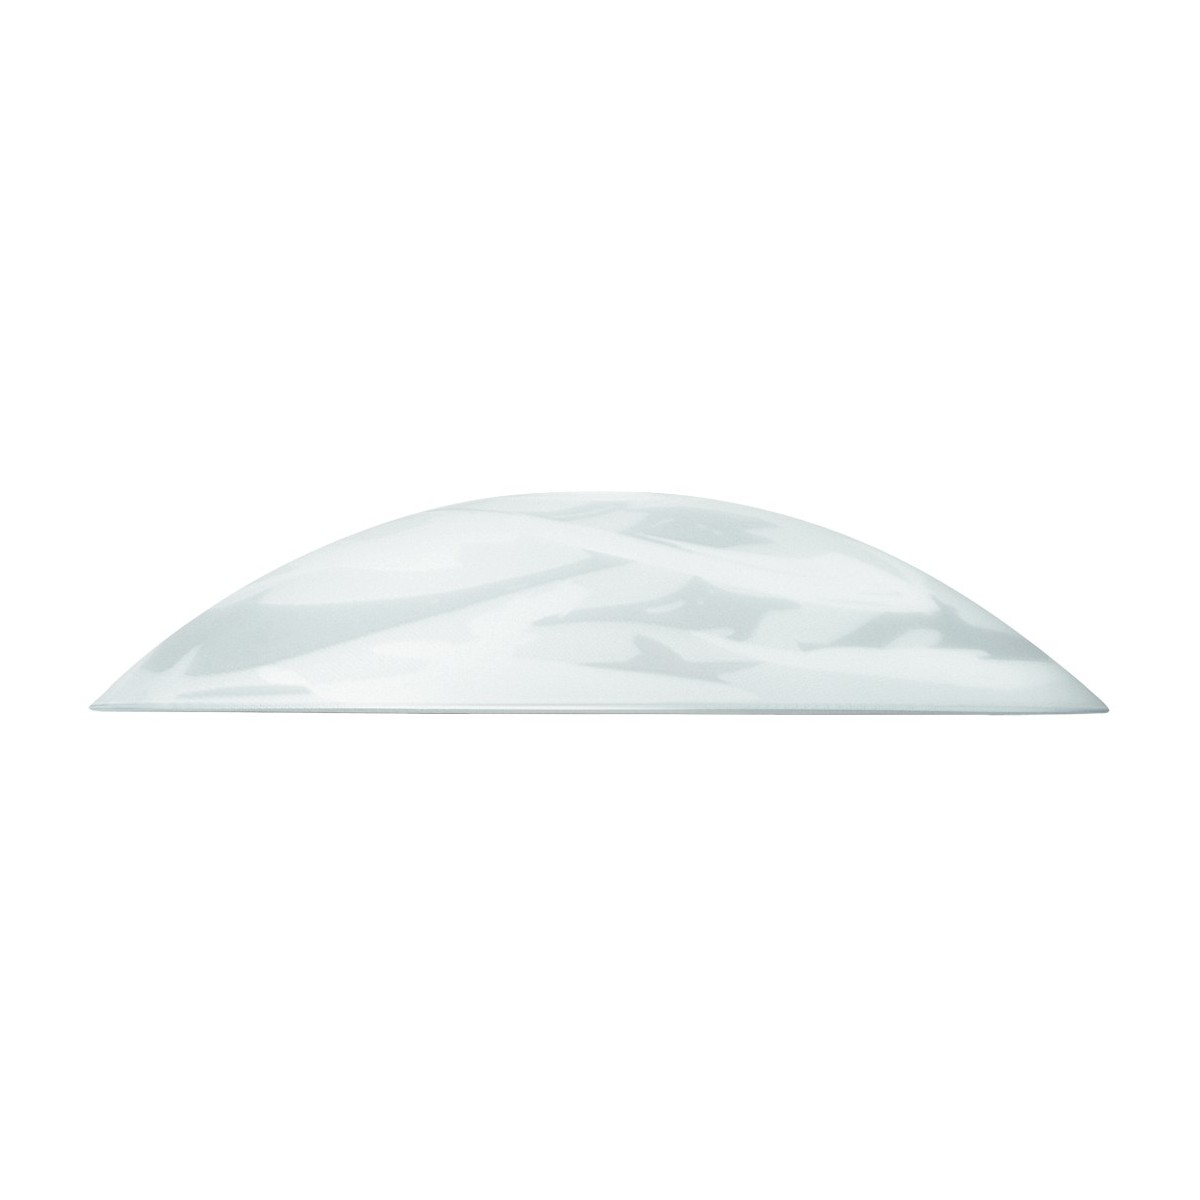 I-V00048400017 - Abat-jour pour suspension en verre blanc albâtre 48x10 cm F42